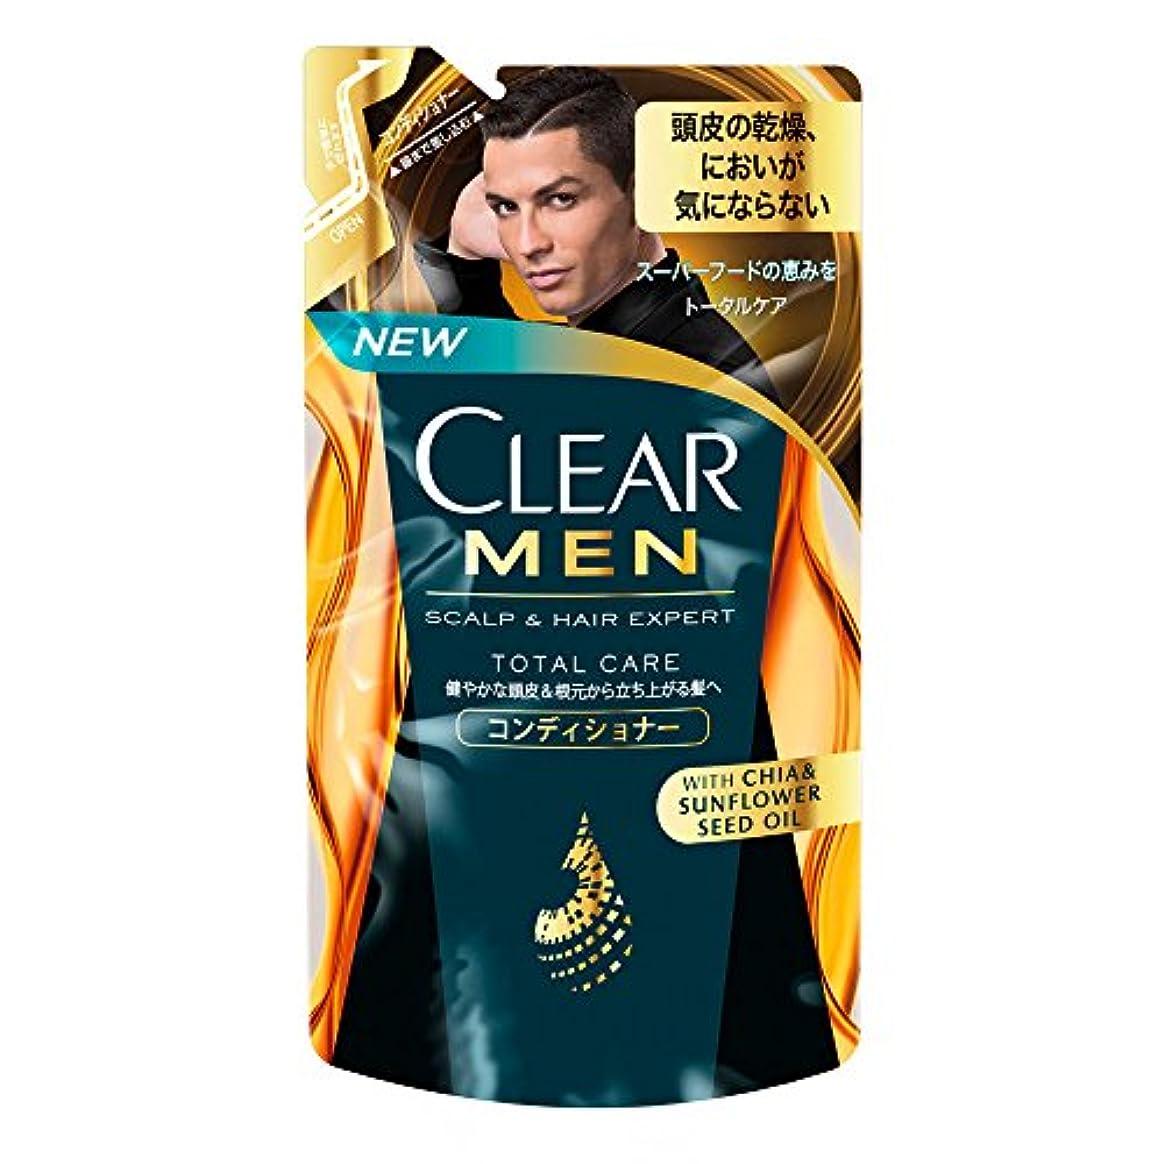 国籍記憶に残る普通にクリア フォーメン トータルケア 男性用コンディショナー つめかえ用 (健やかな頭皮へ) 280g